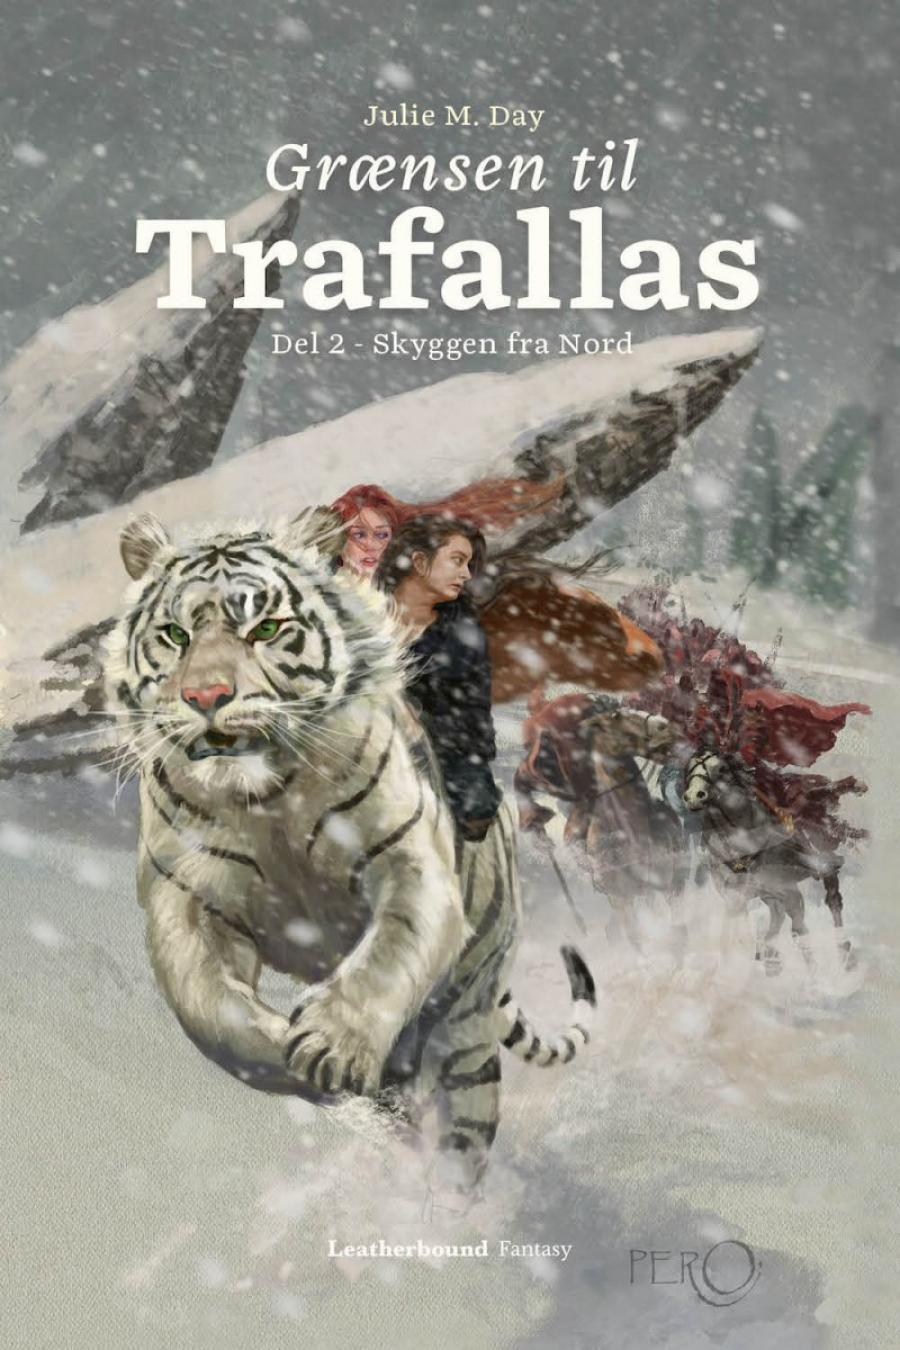 Billede af bogen Grænsen til Trafallas bind 2 Skyggen fra Nord